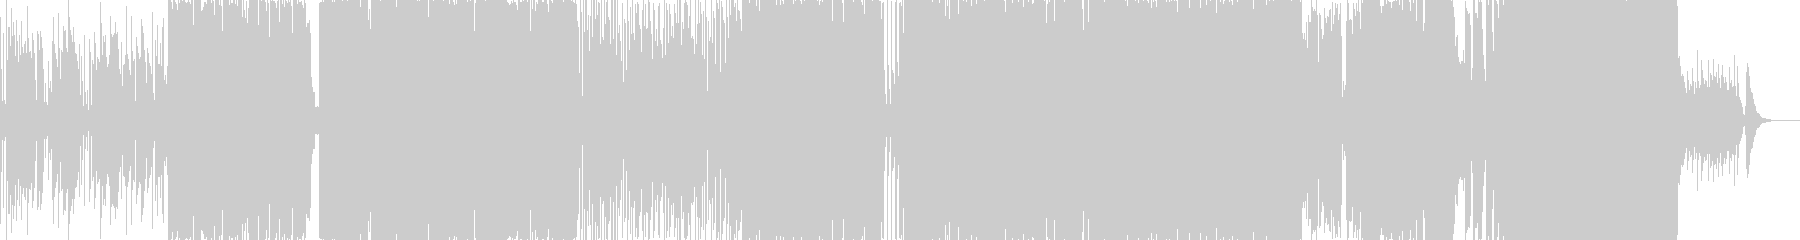 切ない系ミドルバラードの未再生の波形